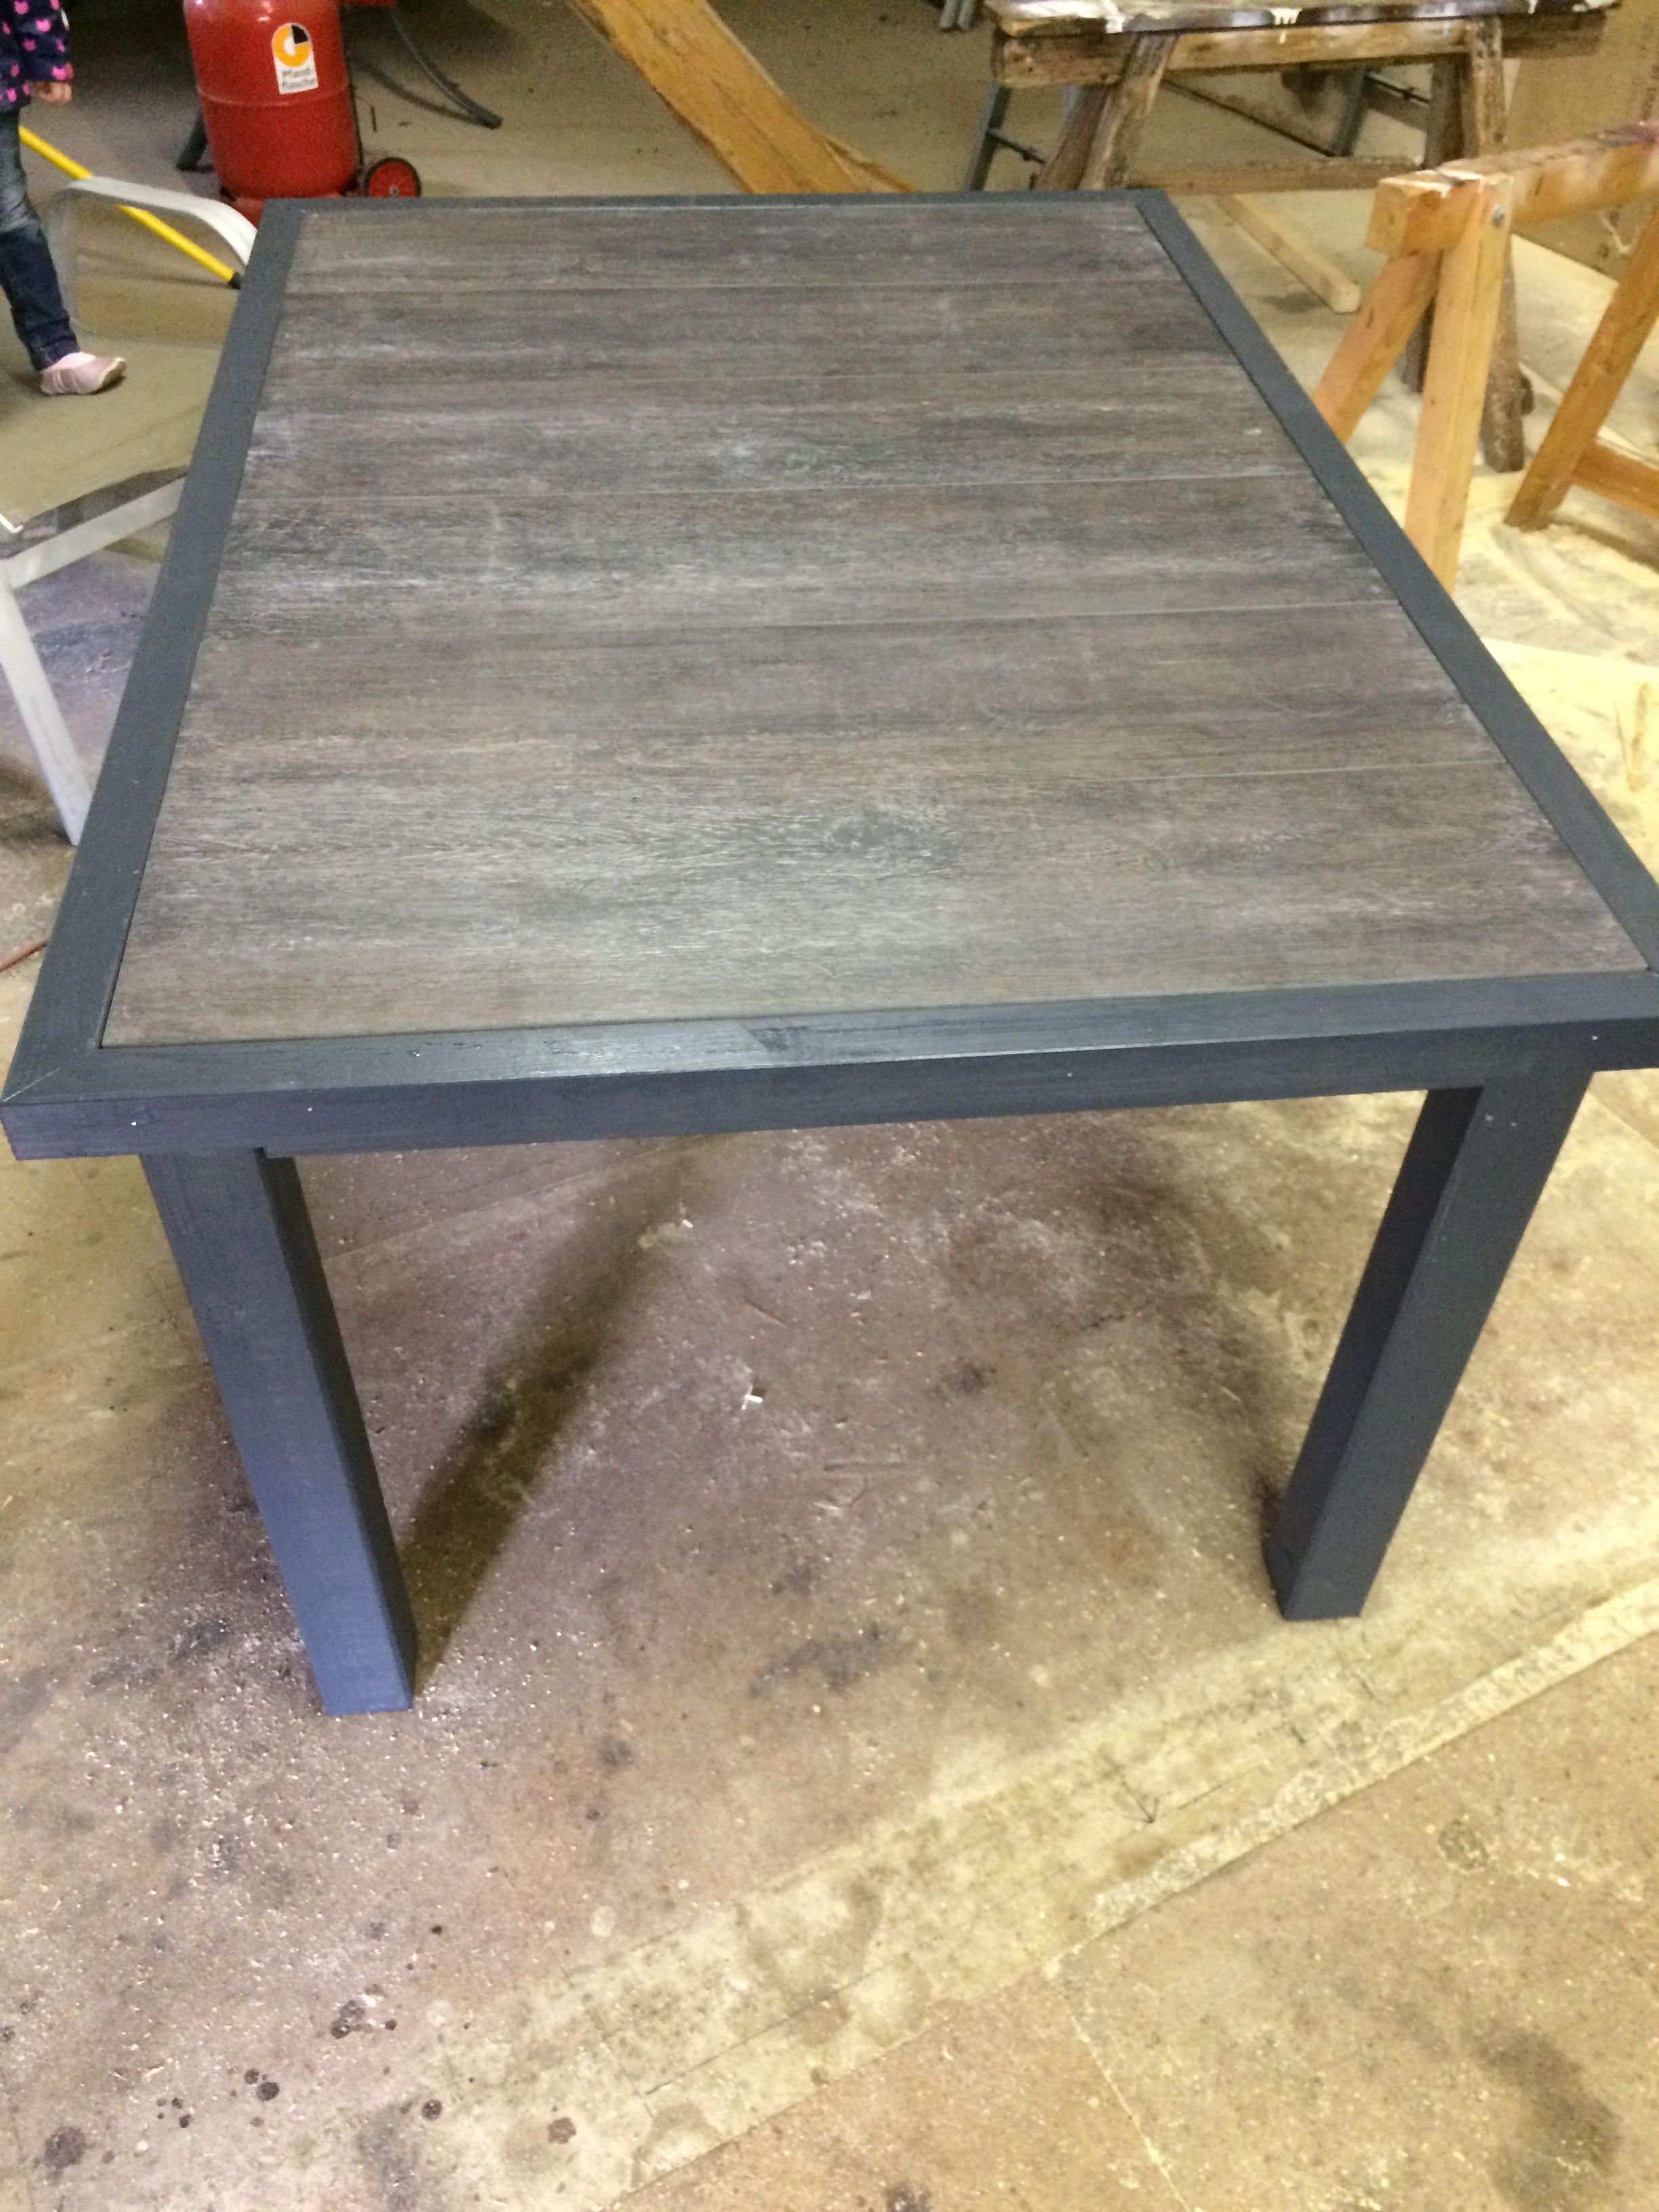 Gartentisch Aus Holz Mit Fliesen Als Tischplatte Pb Projekte